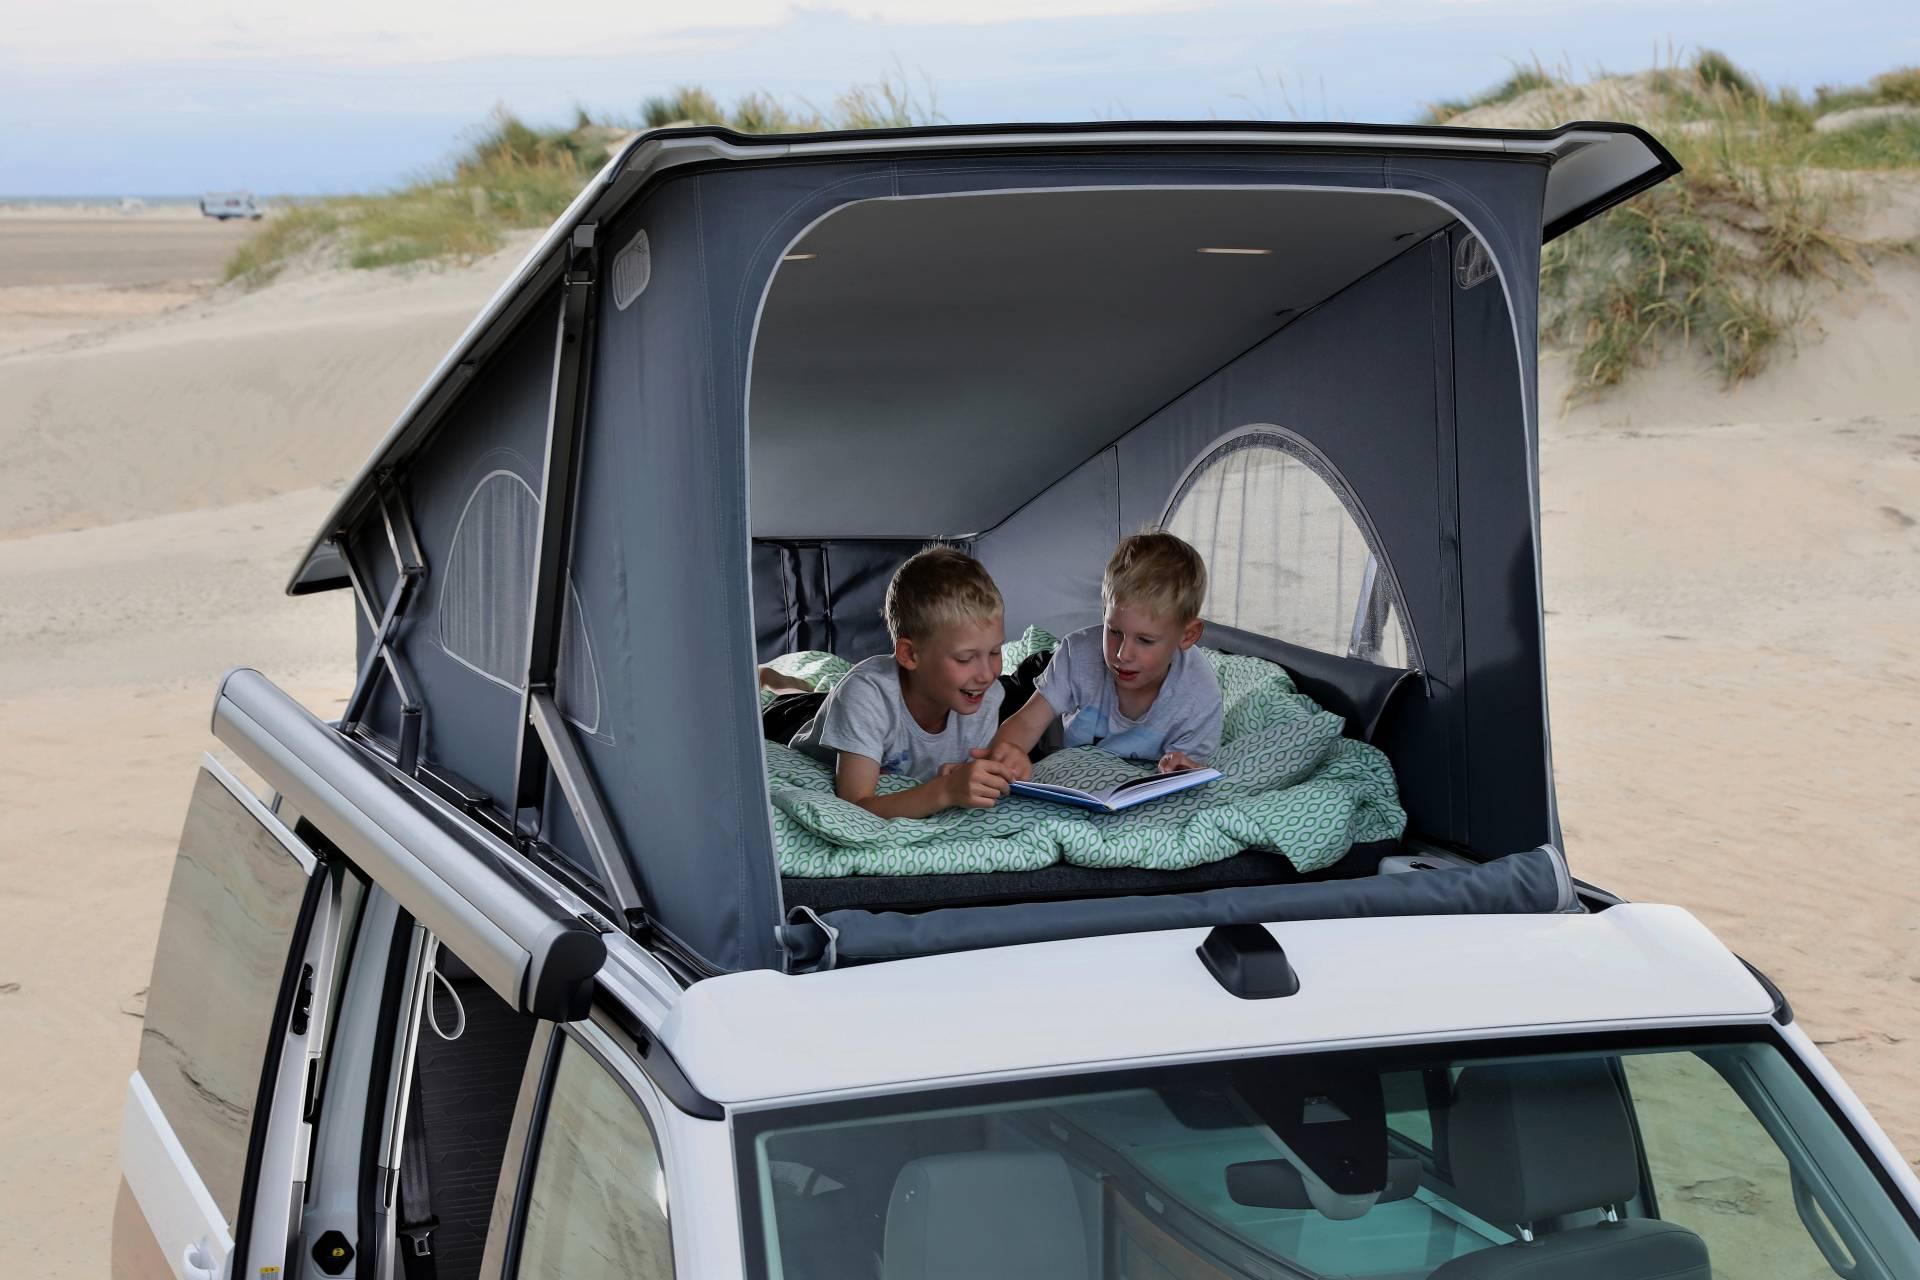 2020 Volkswagen California 6.1 tanıtıldı